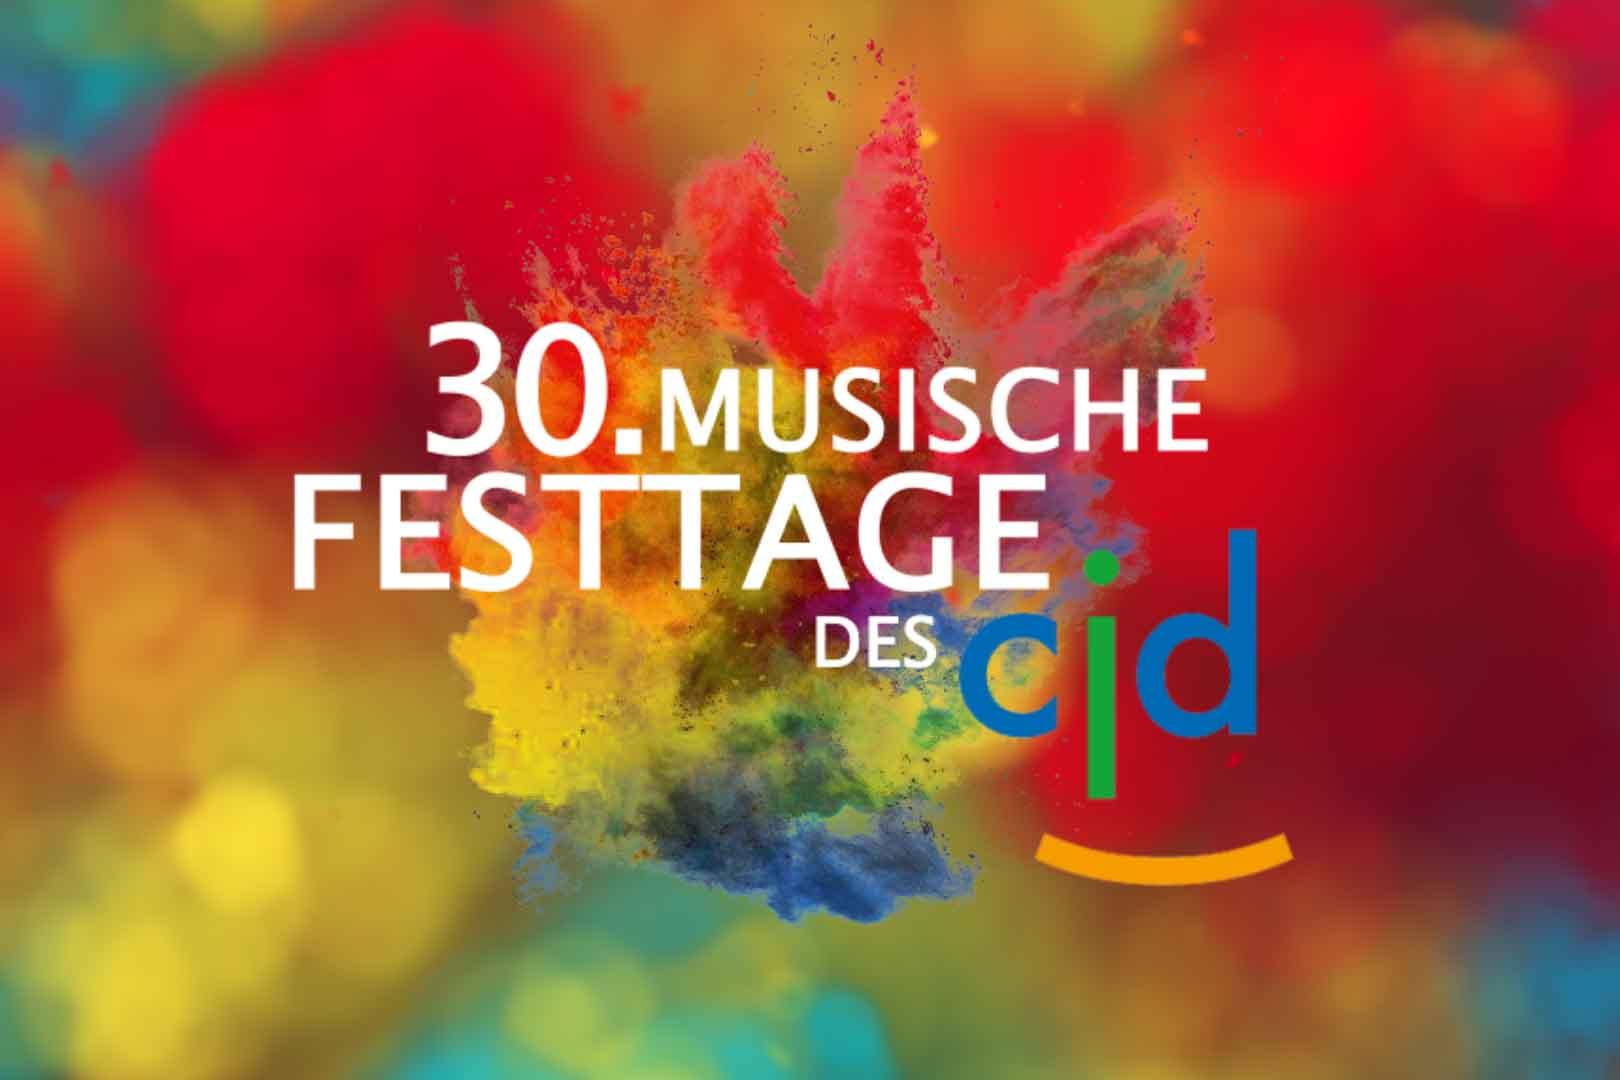 Musische Festtage des CJD | Eventfilm